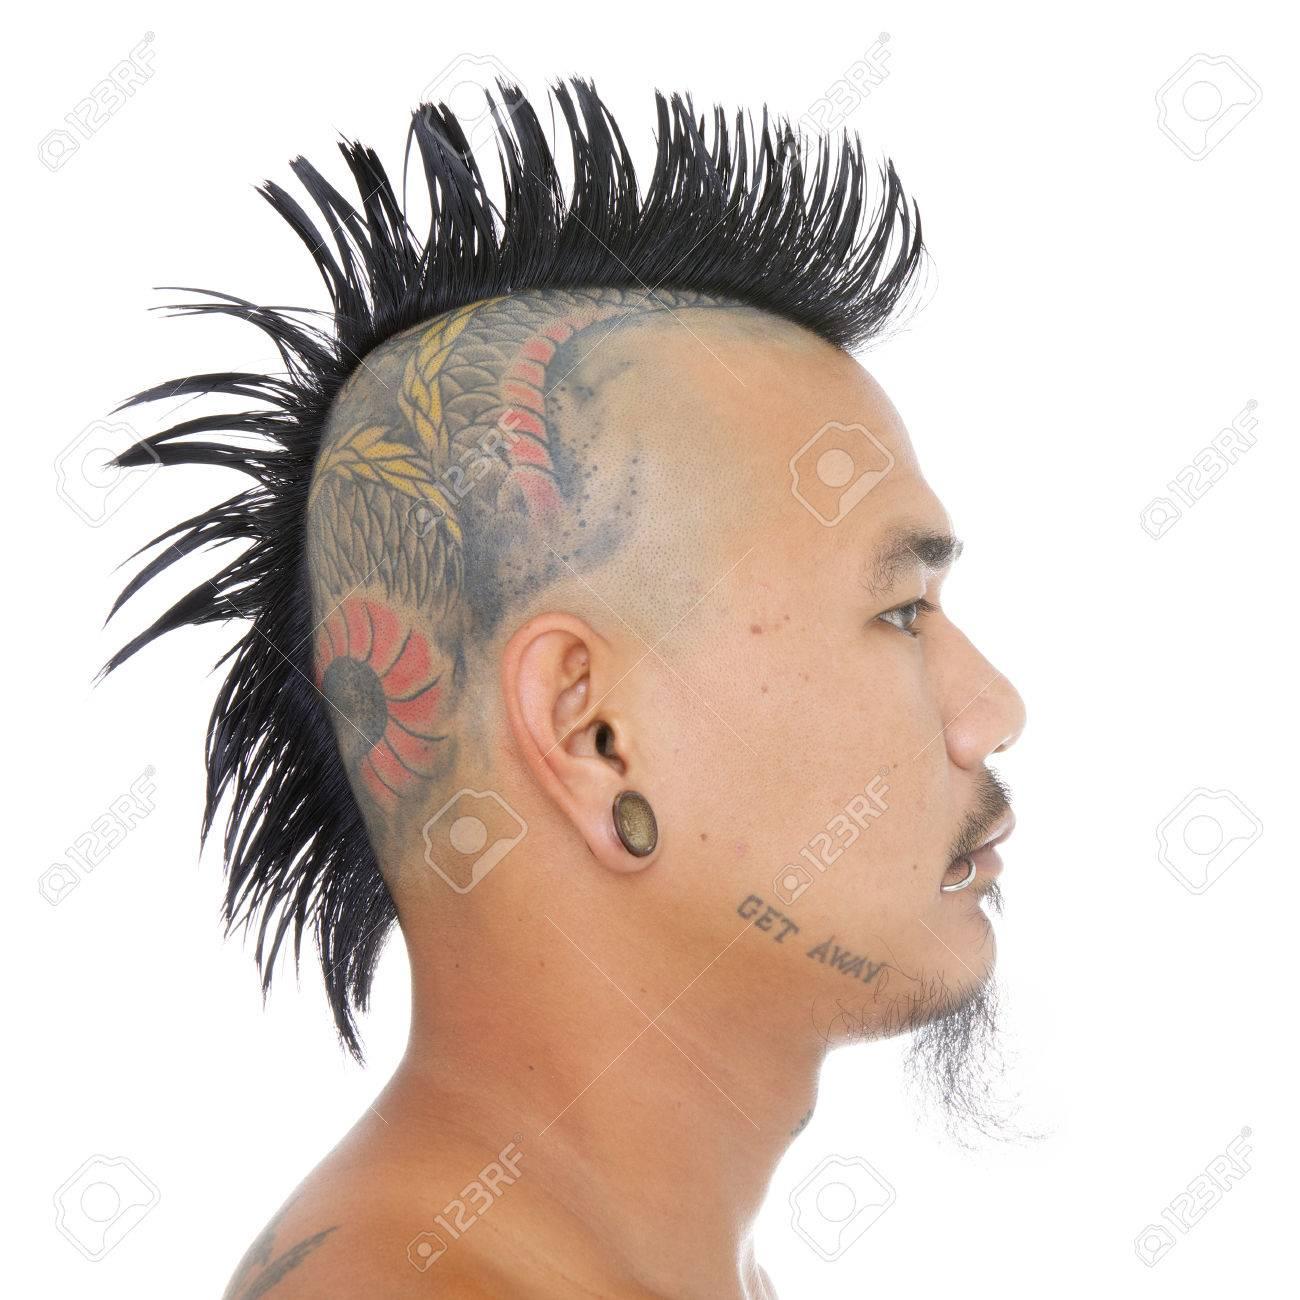 Nahaufnahme Von Kopf Des Asiatischen Punk Mit Irokesenschnitt Frisur Tatowierung Auf Dem Kopf Ohr Und Mund Piercing Auf Einem Weissen Hintergrund